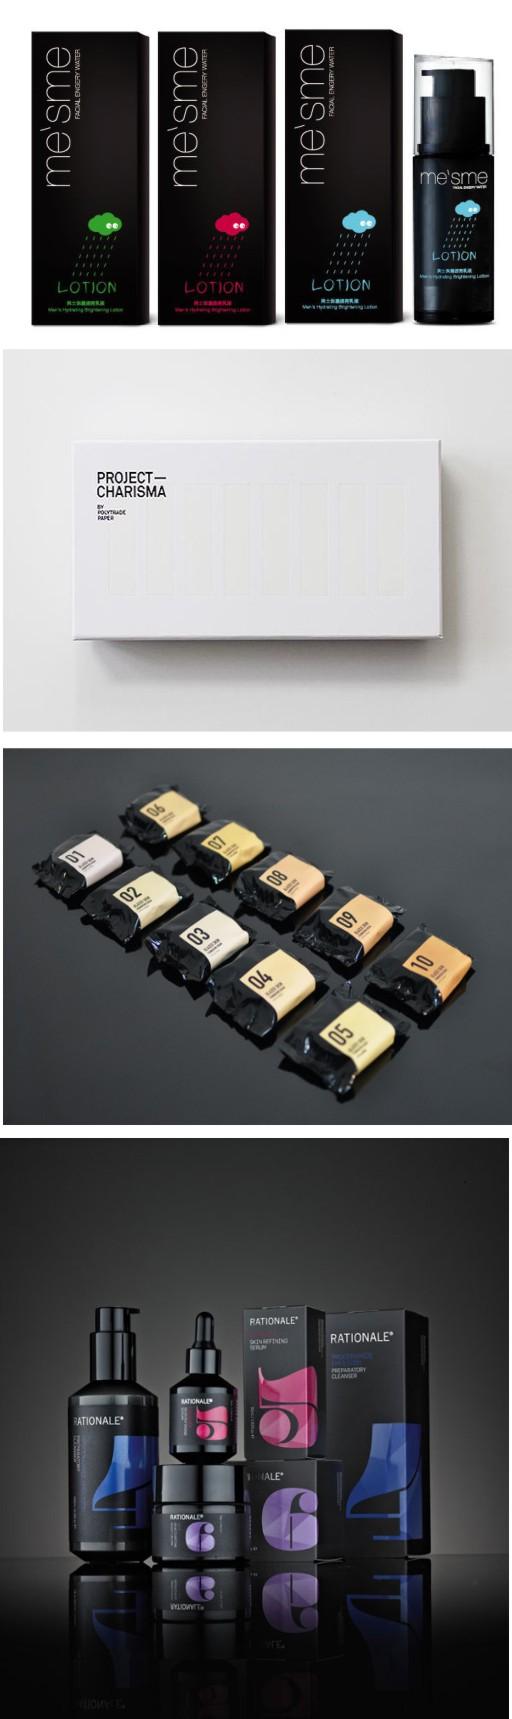 平面设计师提升 洛阳化妆品包装设计